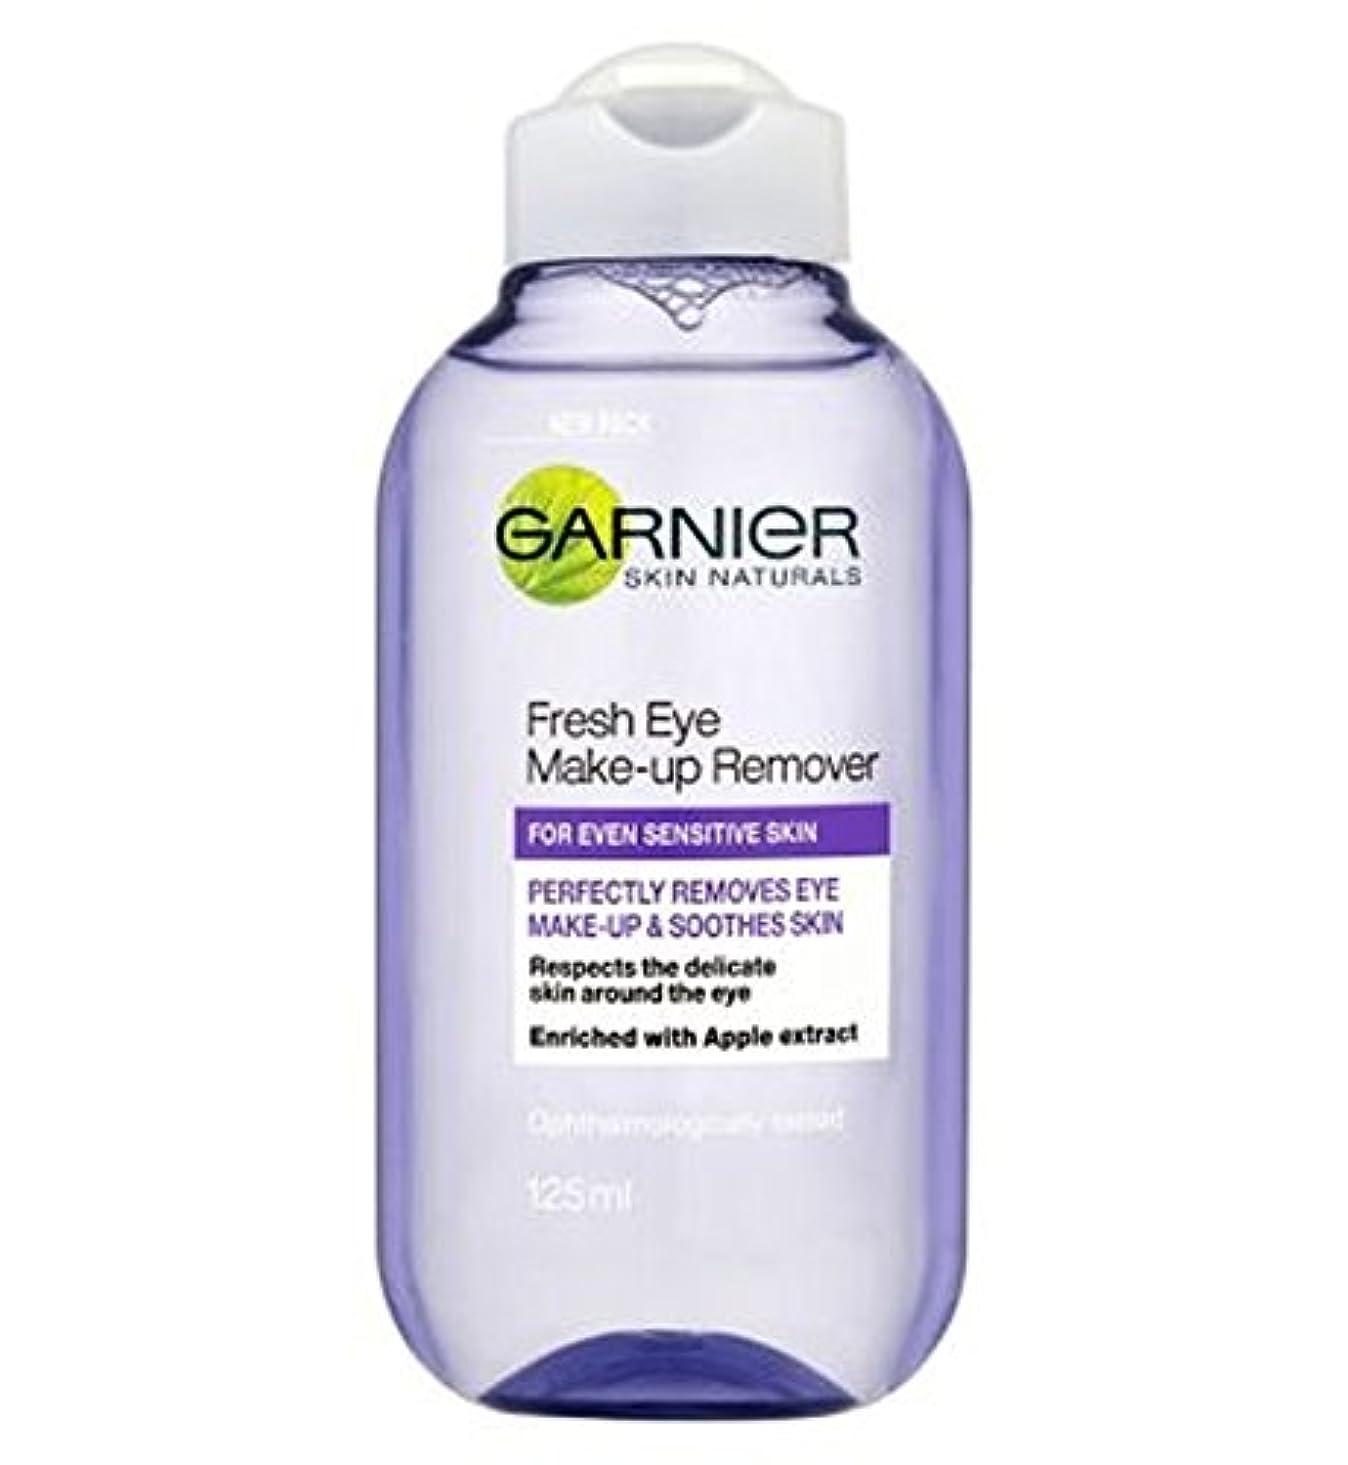 ニッケル有用高いGarnier Fresh Eye Make Up Remover 125ml - ガルニエ新鮮な目作るリムーバー125ミリリットル (Garnier) [並行輸入品]